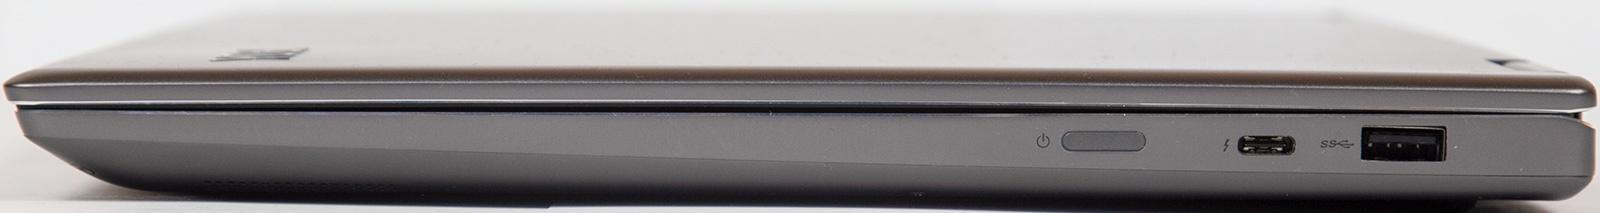 Универсальный Йог. Обзор ноутбука-трансформера Lenovo Yoga 720 - 6